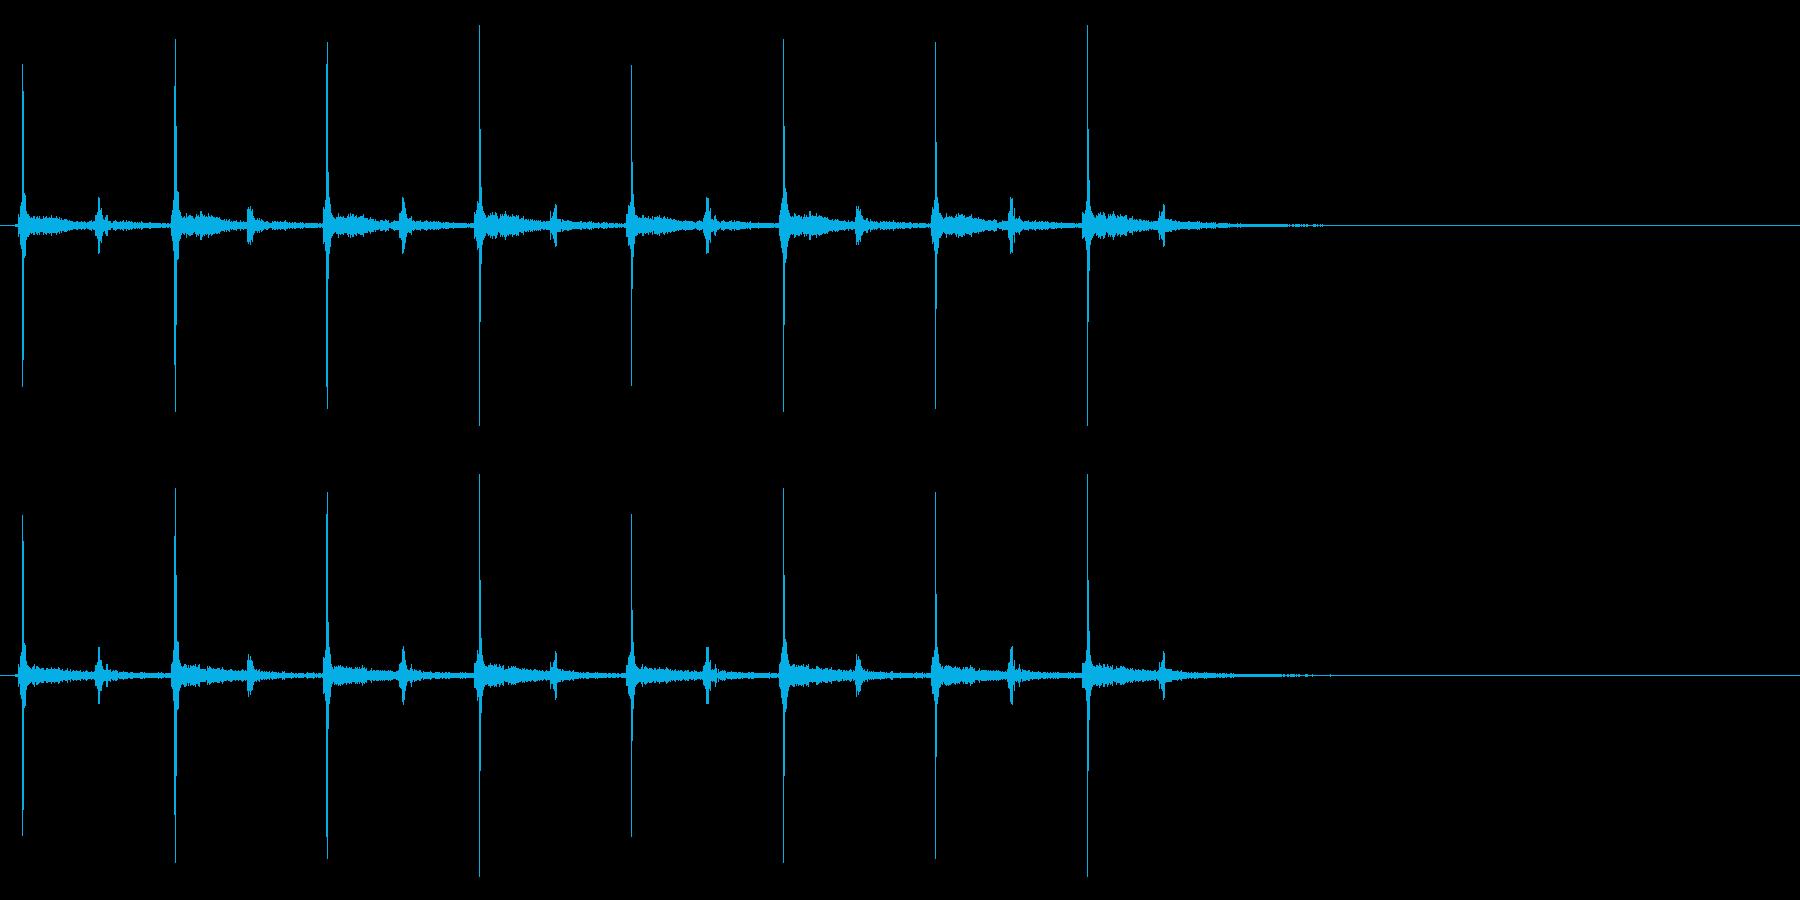 時計 秒針02-9(リバーブ 3)の再生済みの波形